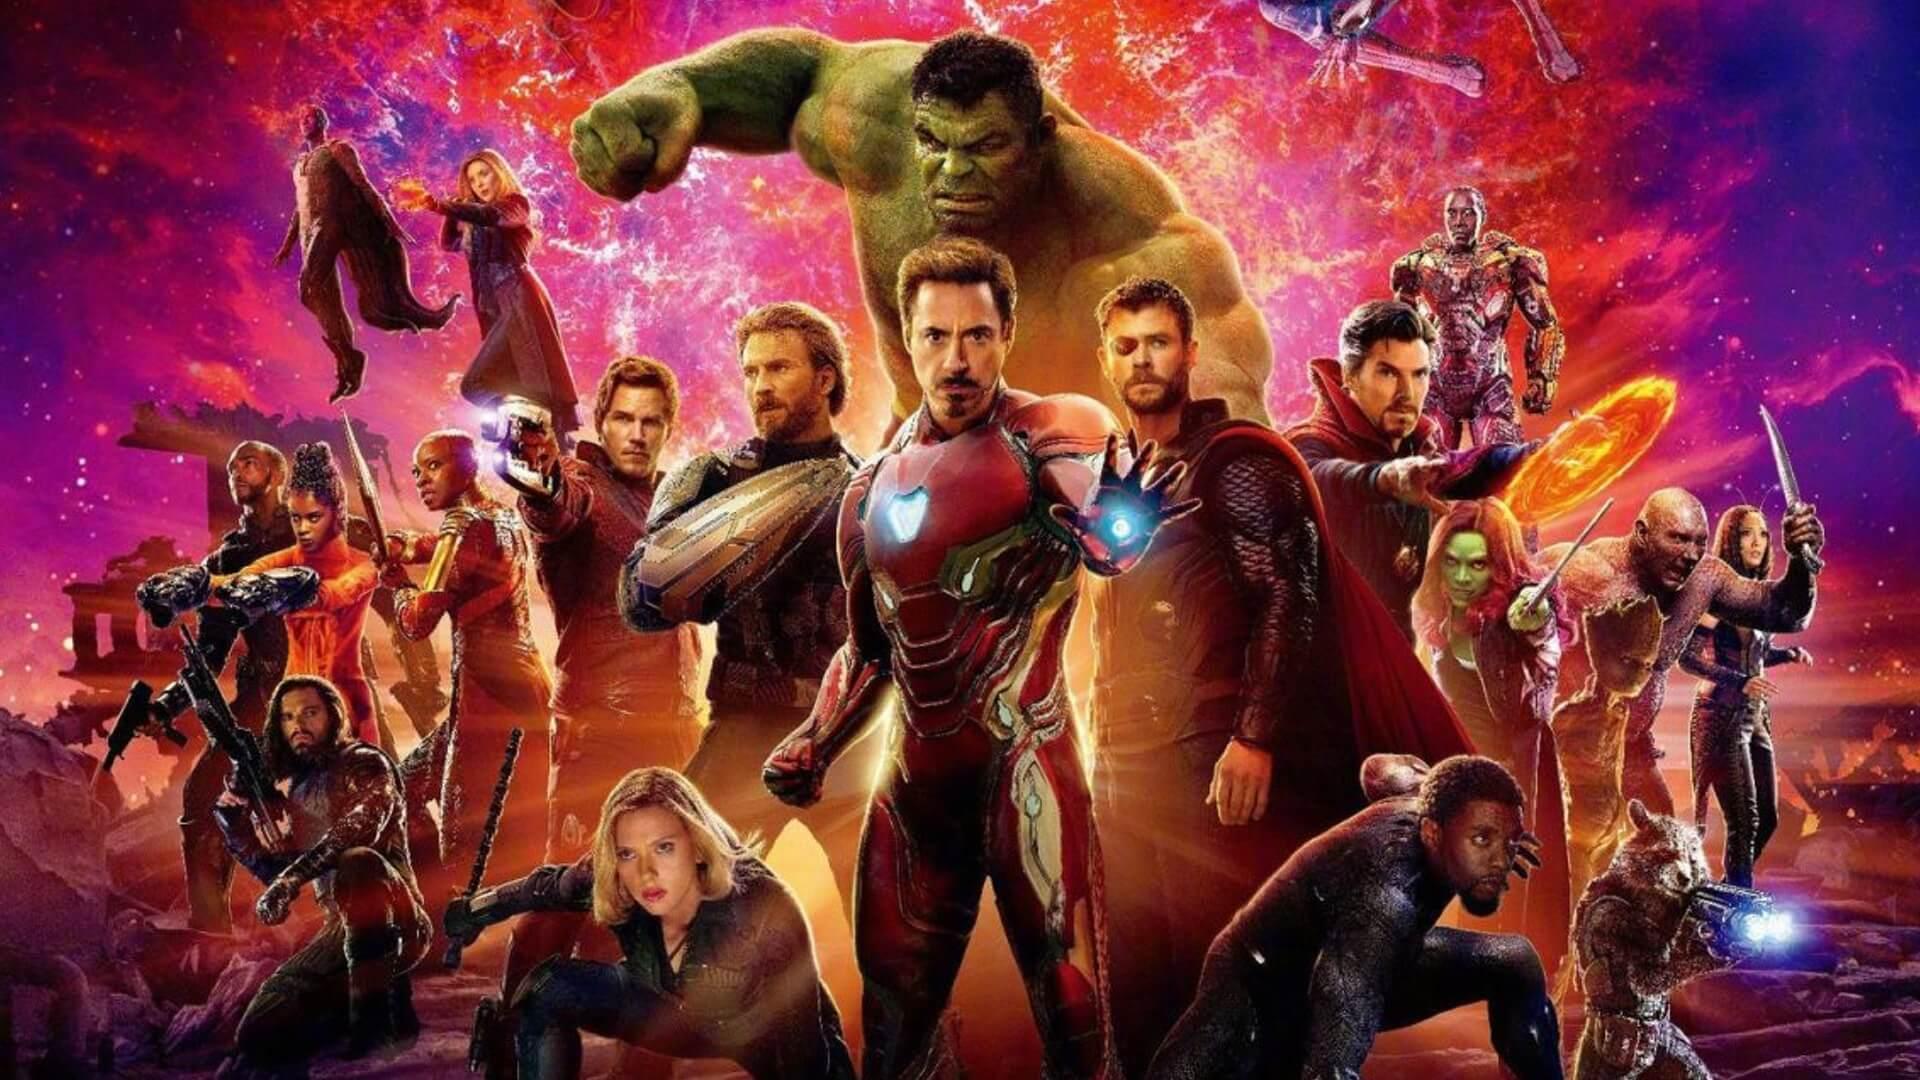 《復仇者聯盟 4》首支電影預告&正式片名終於公開!